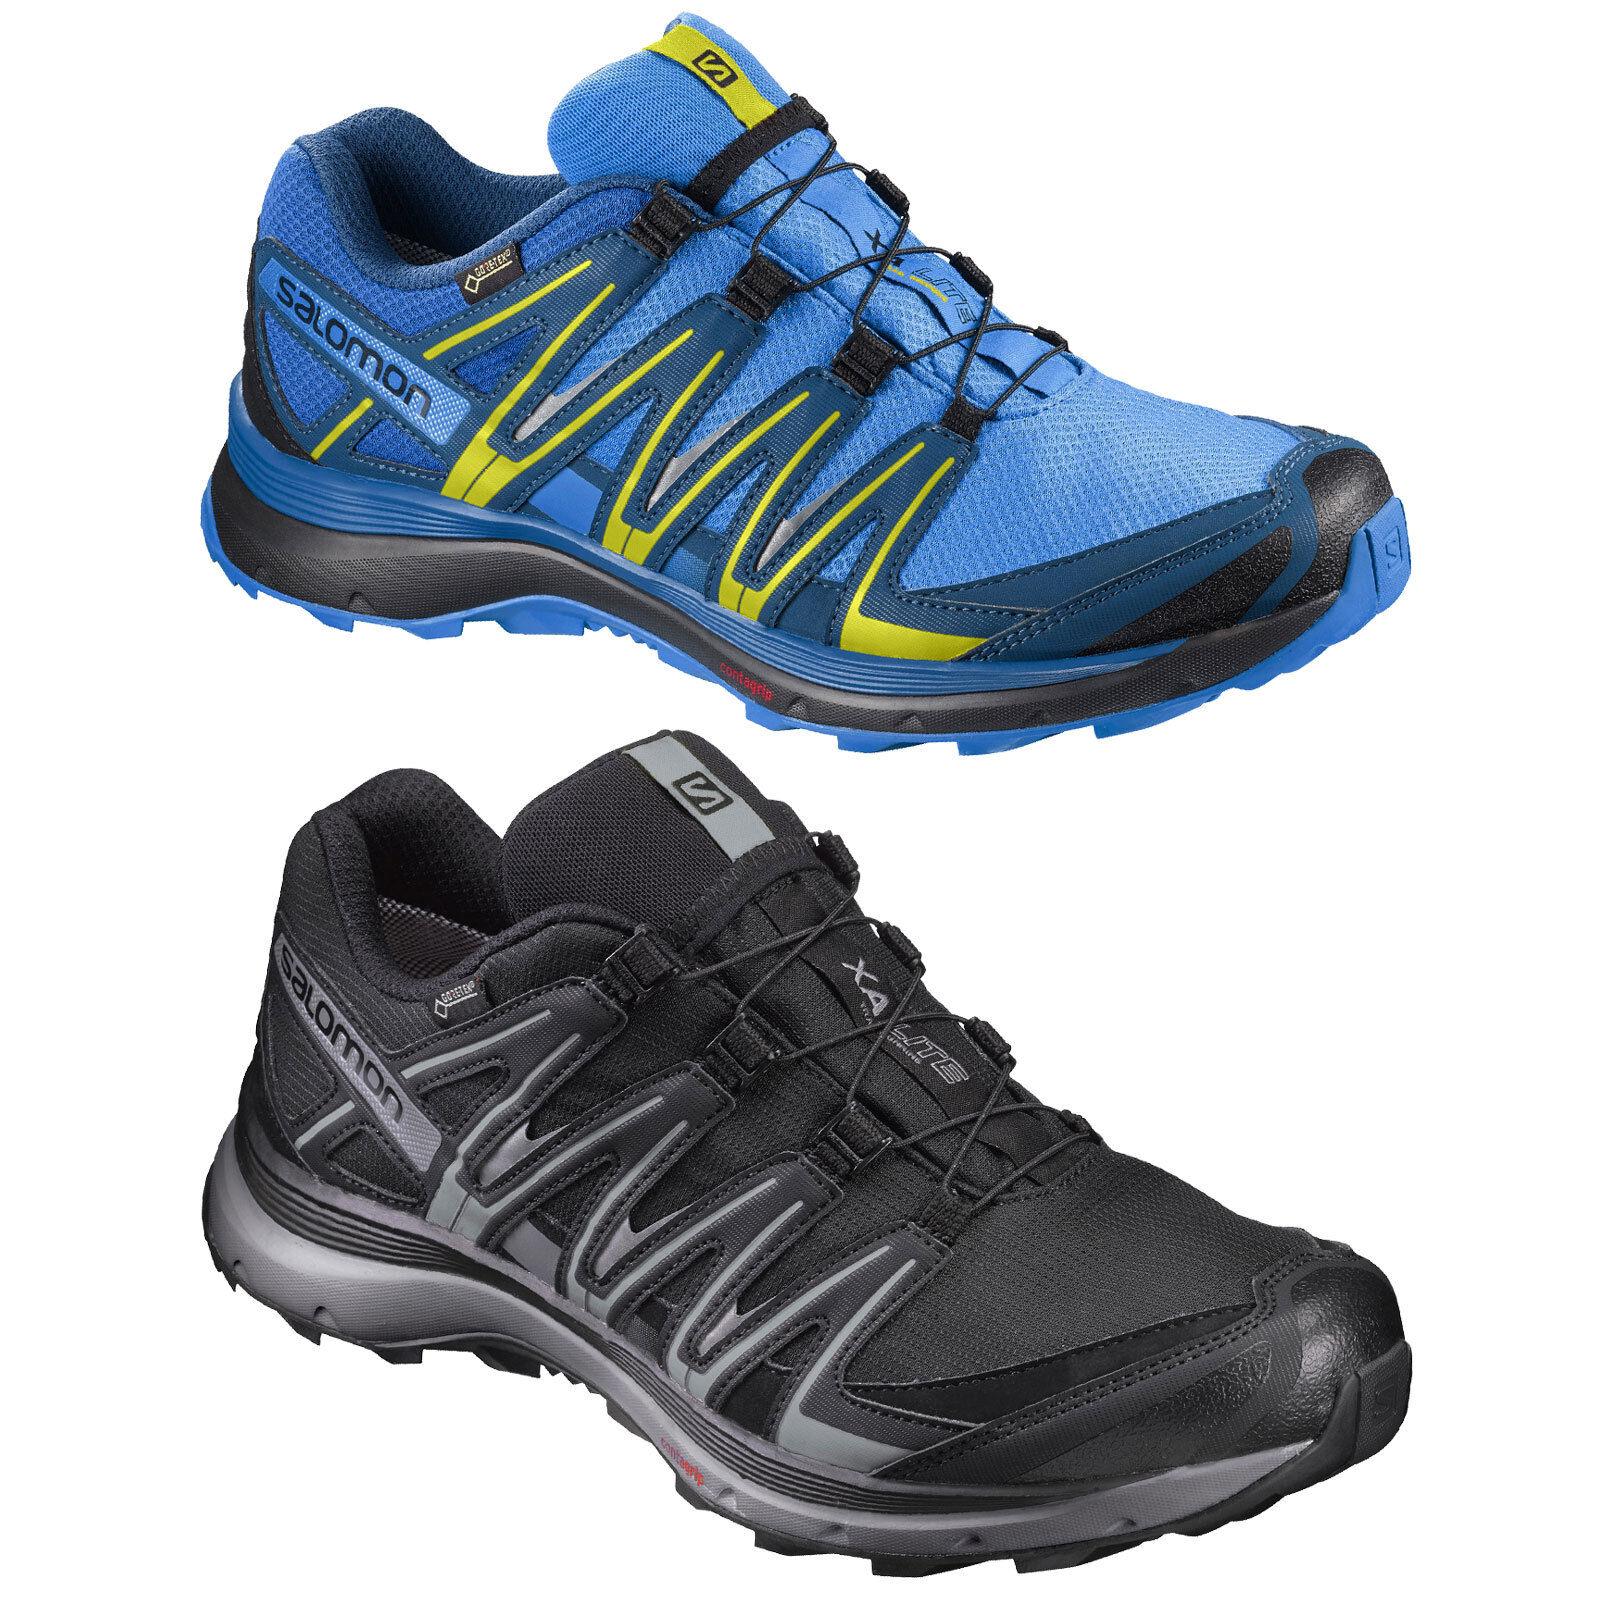 Trail Joggingschuhe Herren Test Vergleich +++ Trail